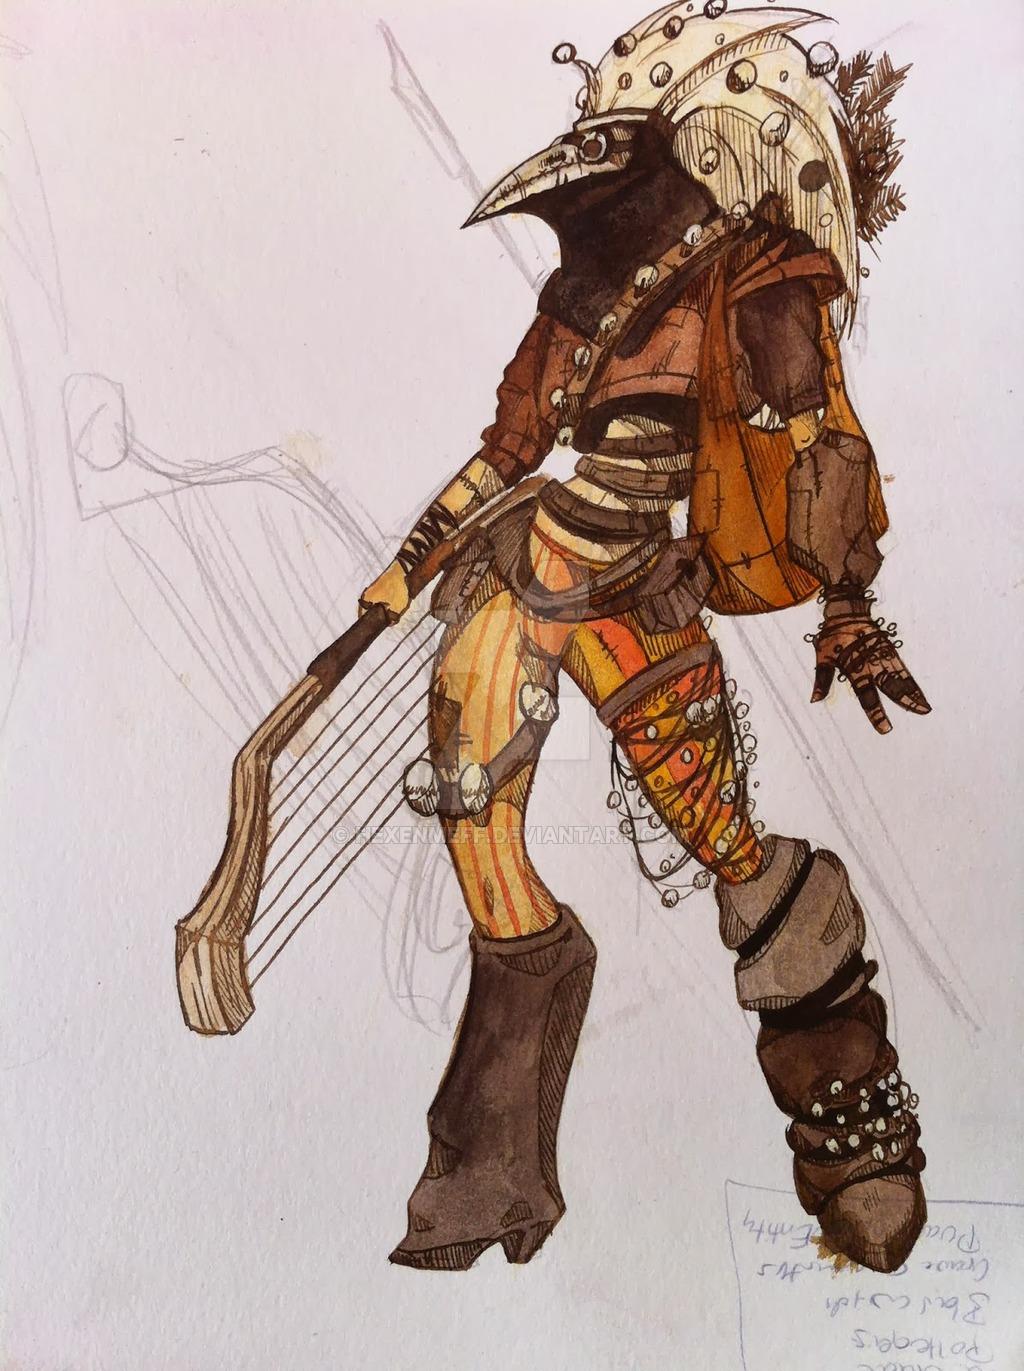 Drawn dagger d&d 3 5 New 3 JoshuaD's